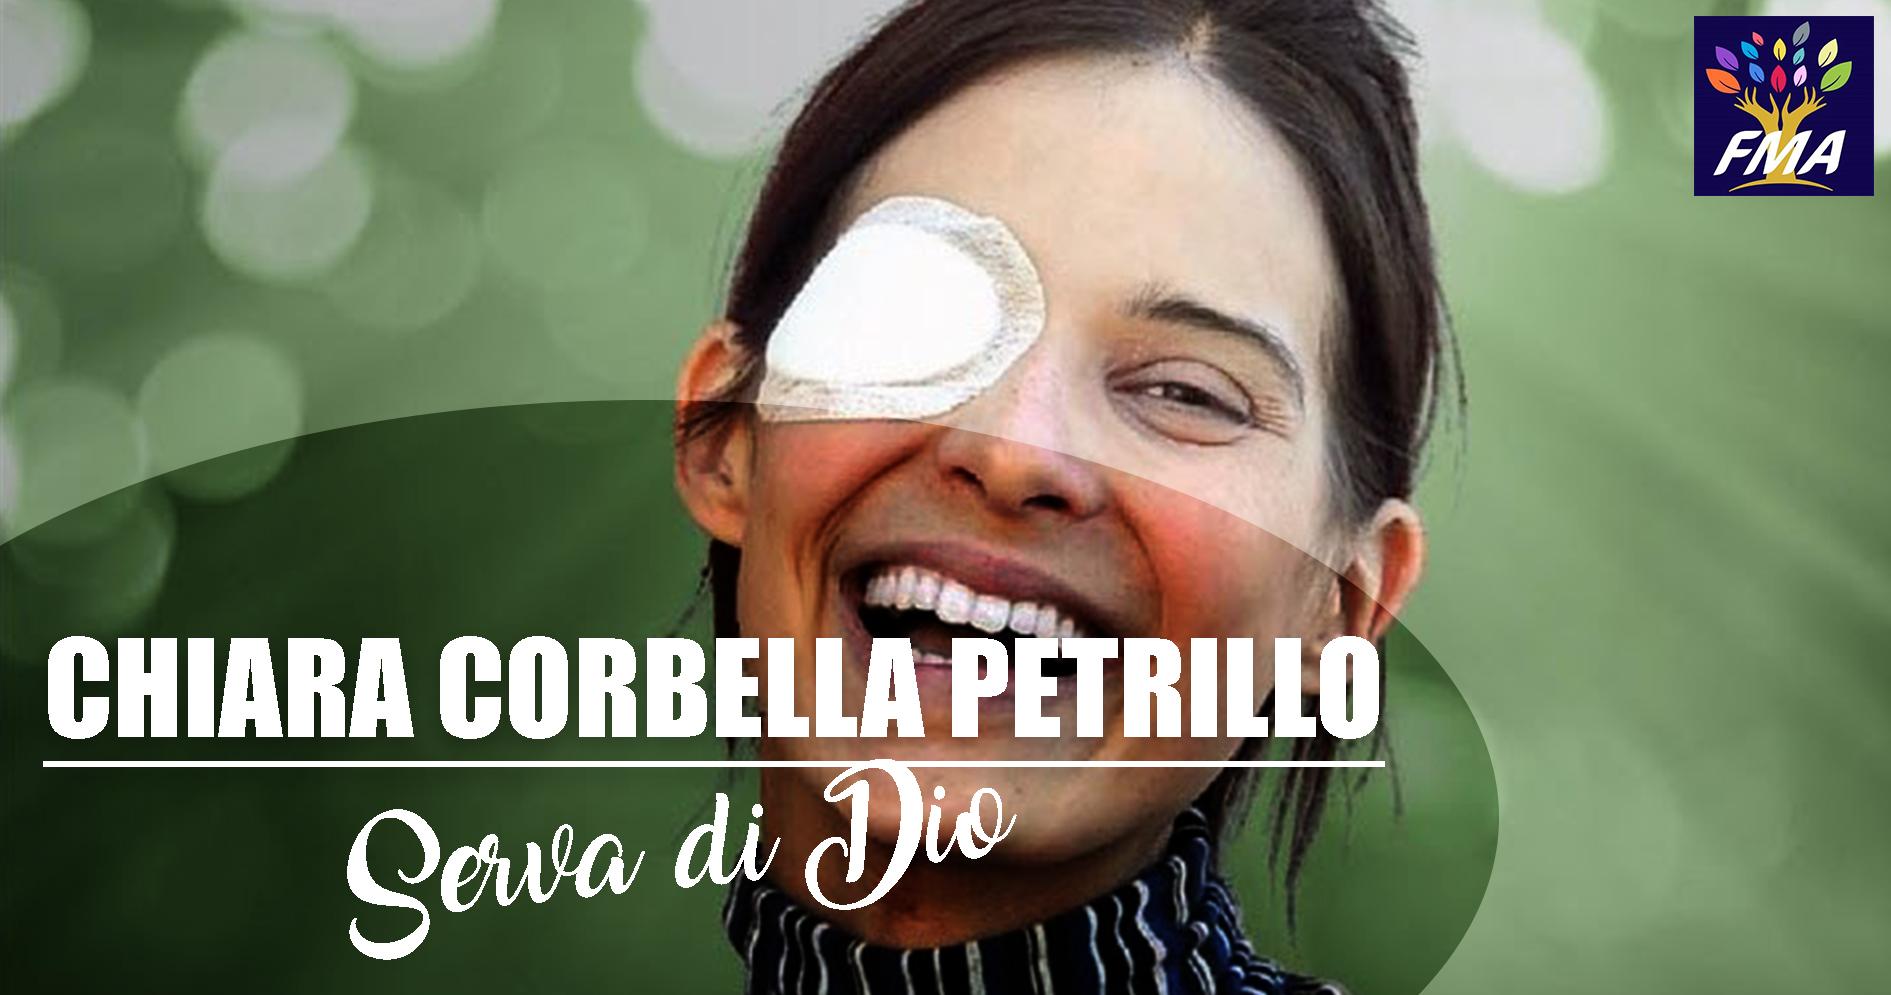 Chiara Corbella Petrillo Serva di Dio